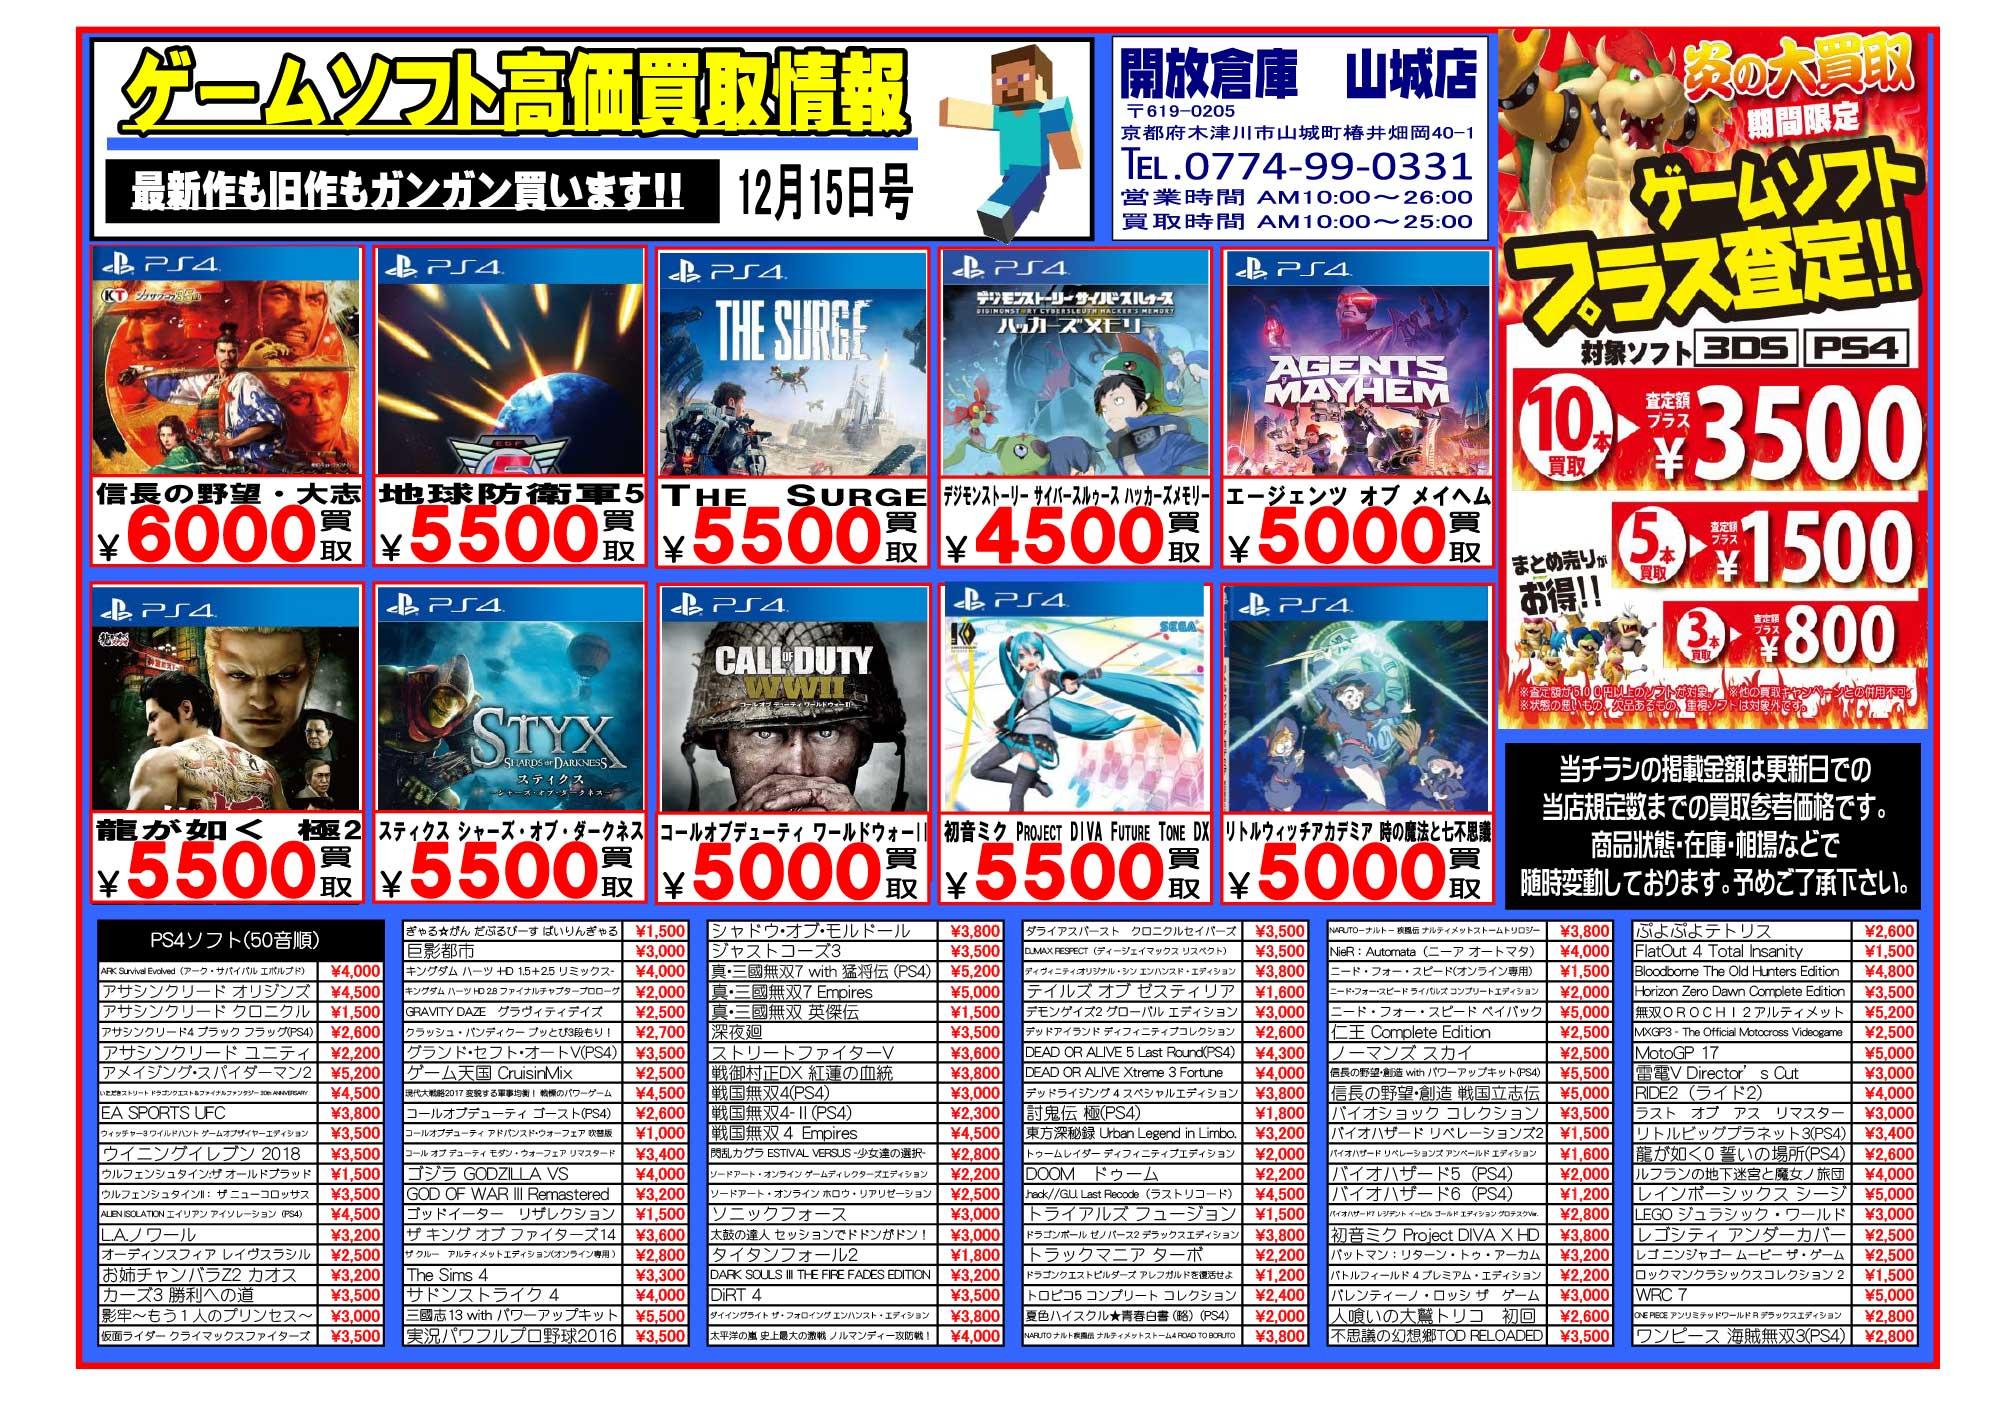 「開放倉庫山城店」12月15日号<PS4ゲームソフト高価買取情報>を更新しました!最新作も旧作もガンガン買います!!新作ソフト買取強化中!!